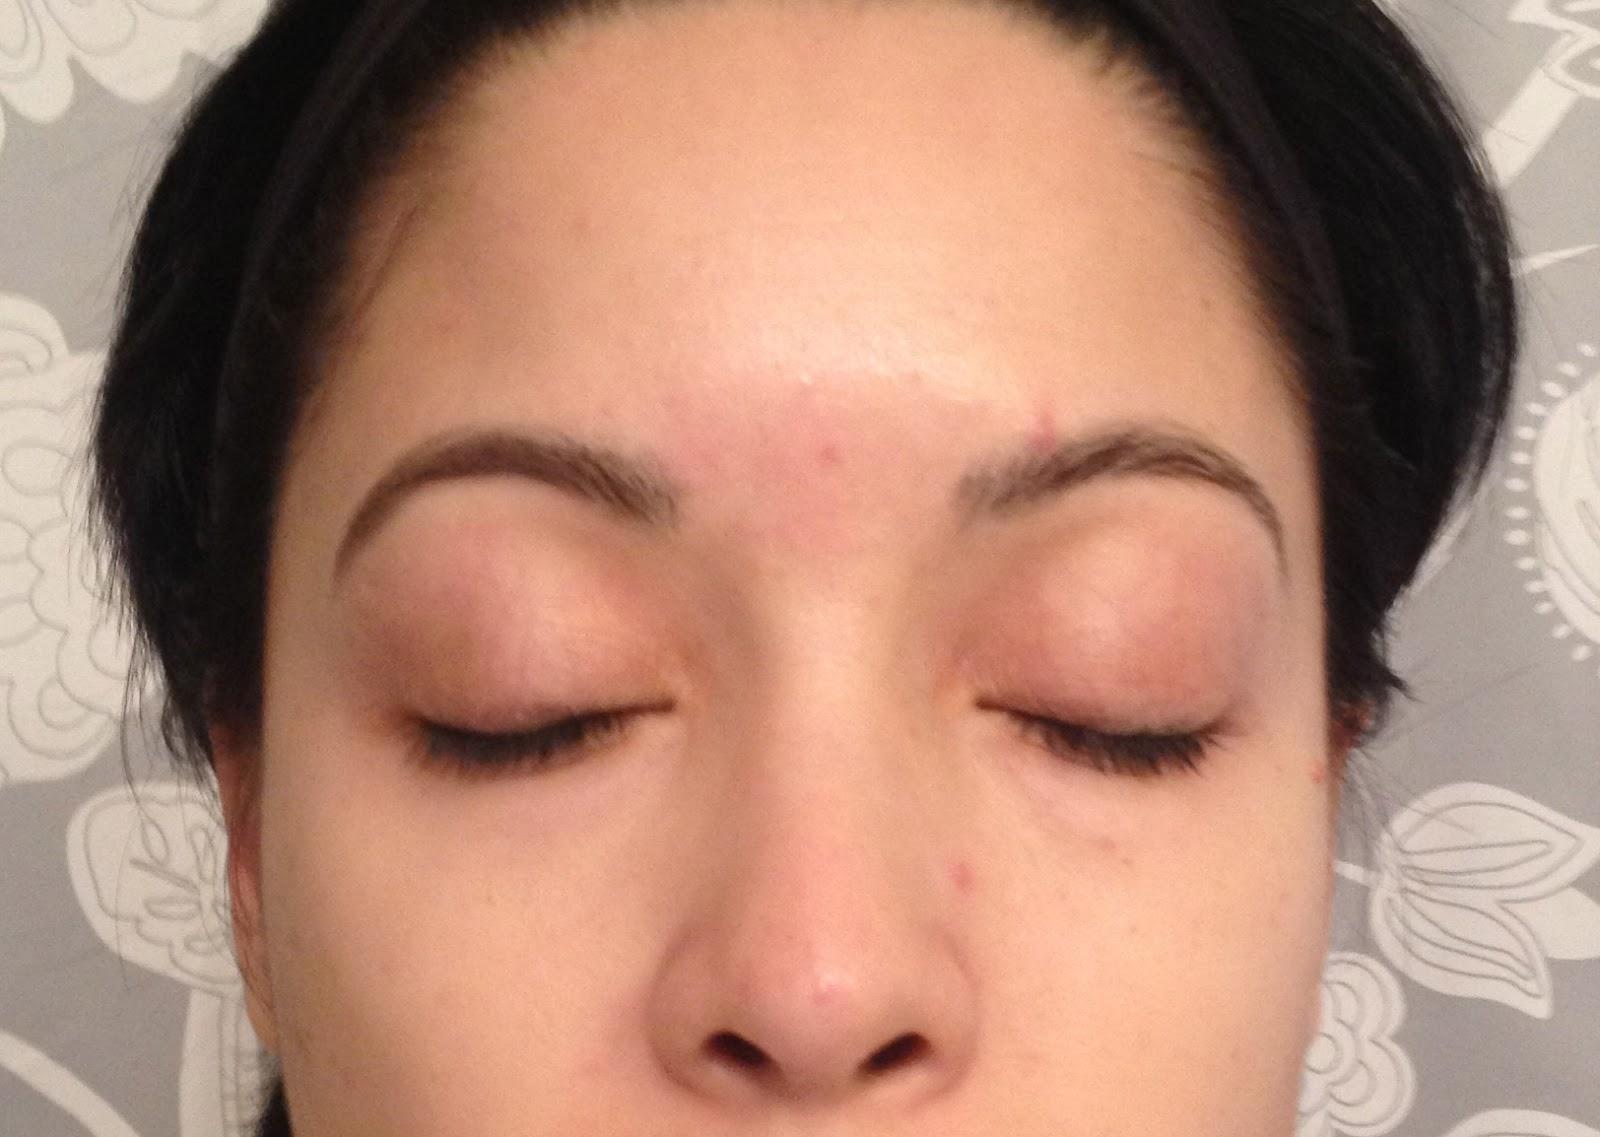 redness of eyebrows